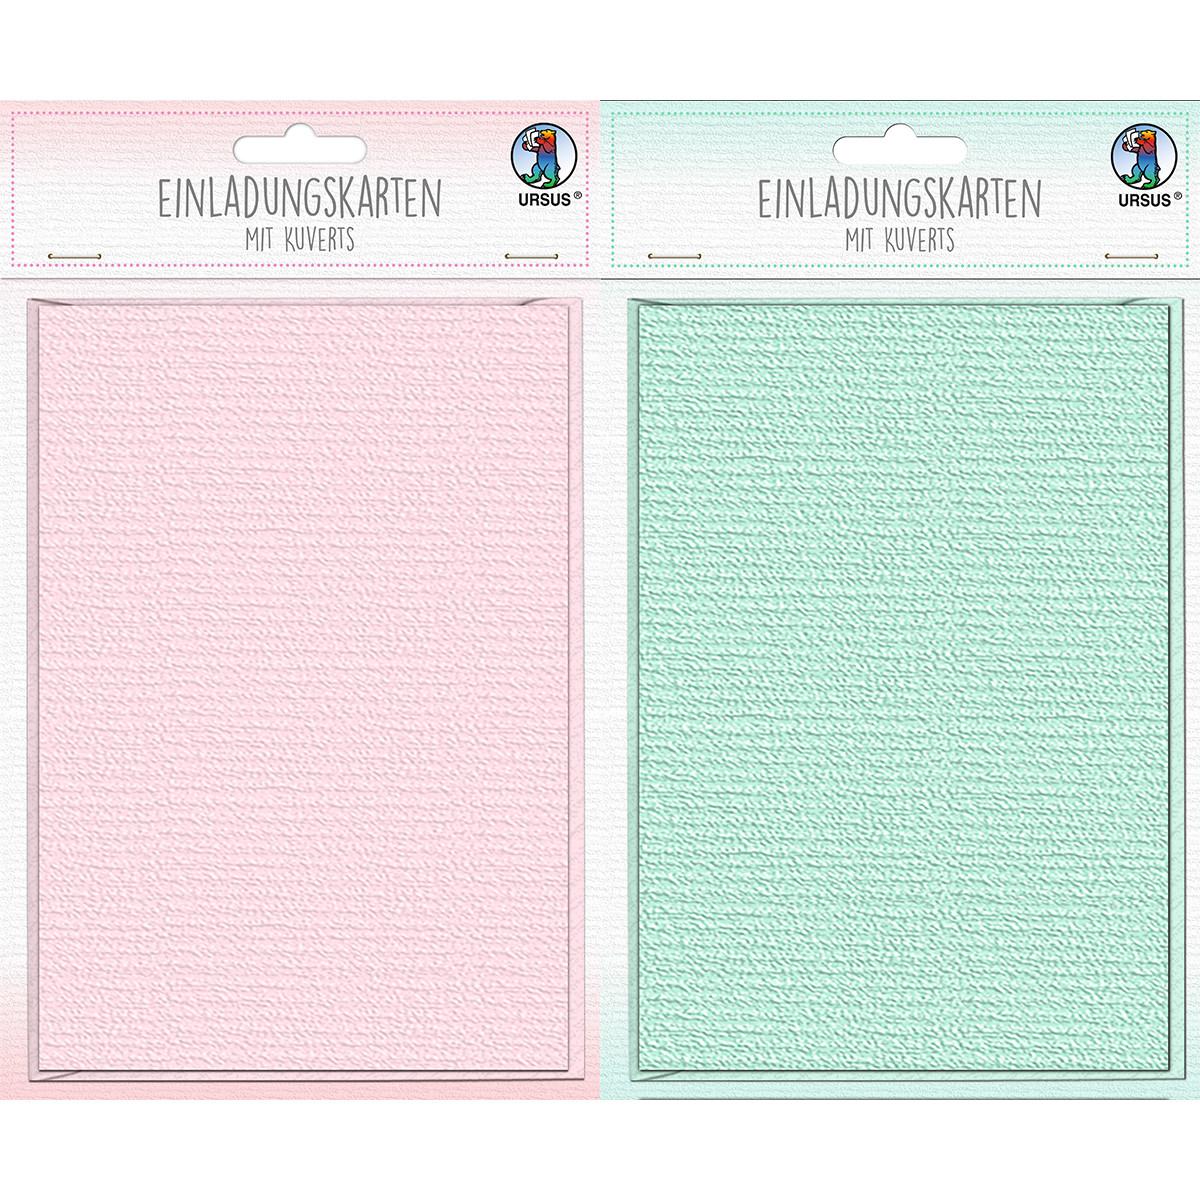 Einladungskarten rosa oder mint, 6 Karten 200g/qm, gefaltete 11,9 x 17 cm und 6 Kuverts 100 g/qm Grö